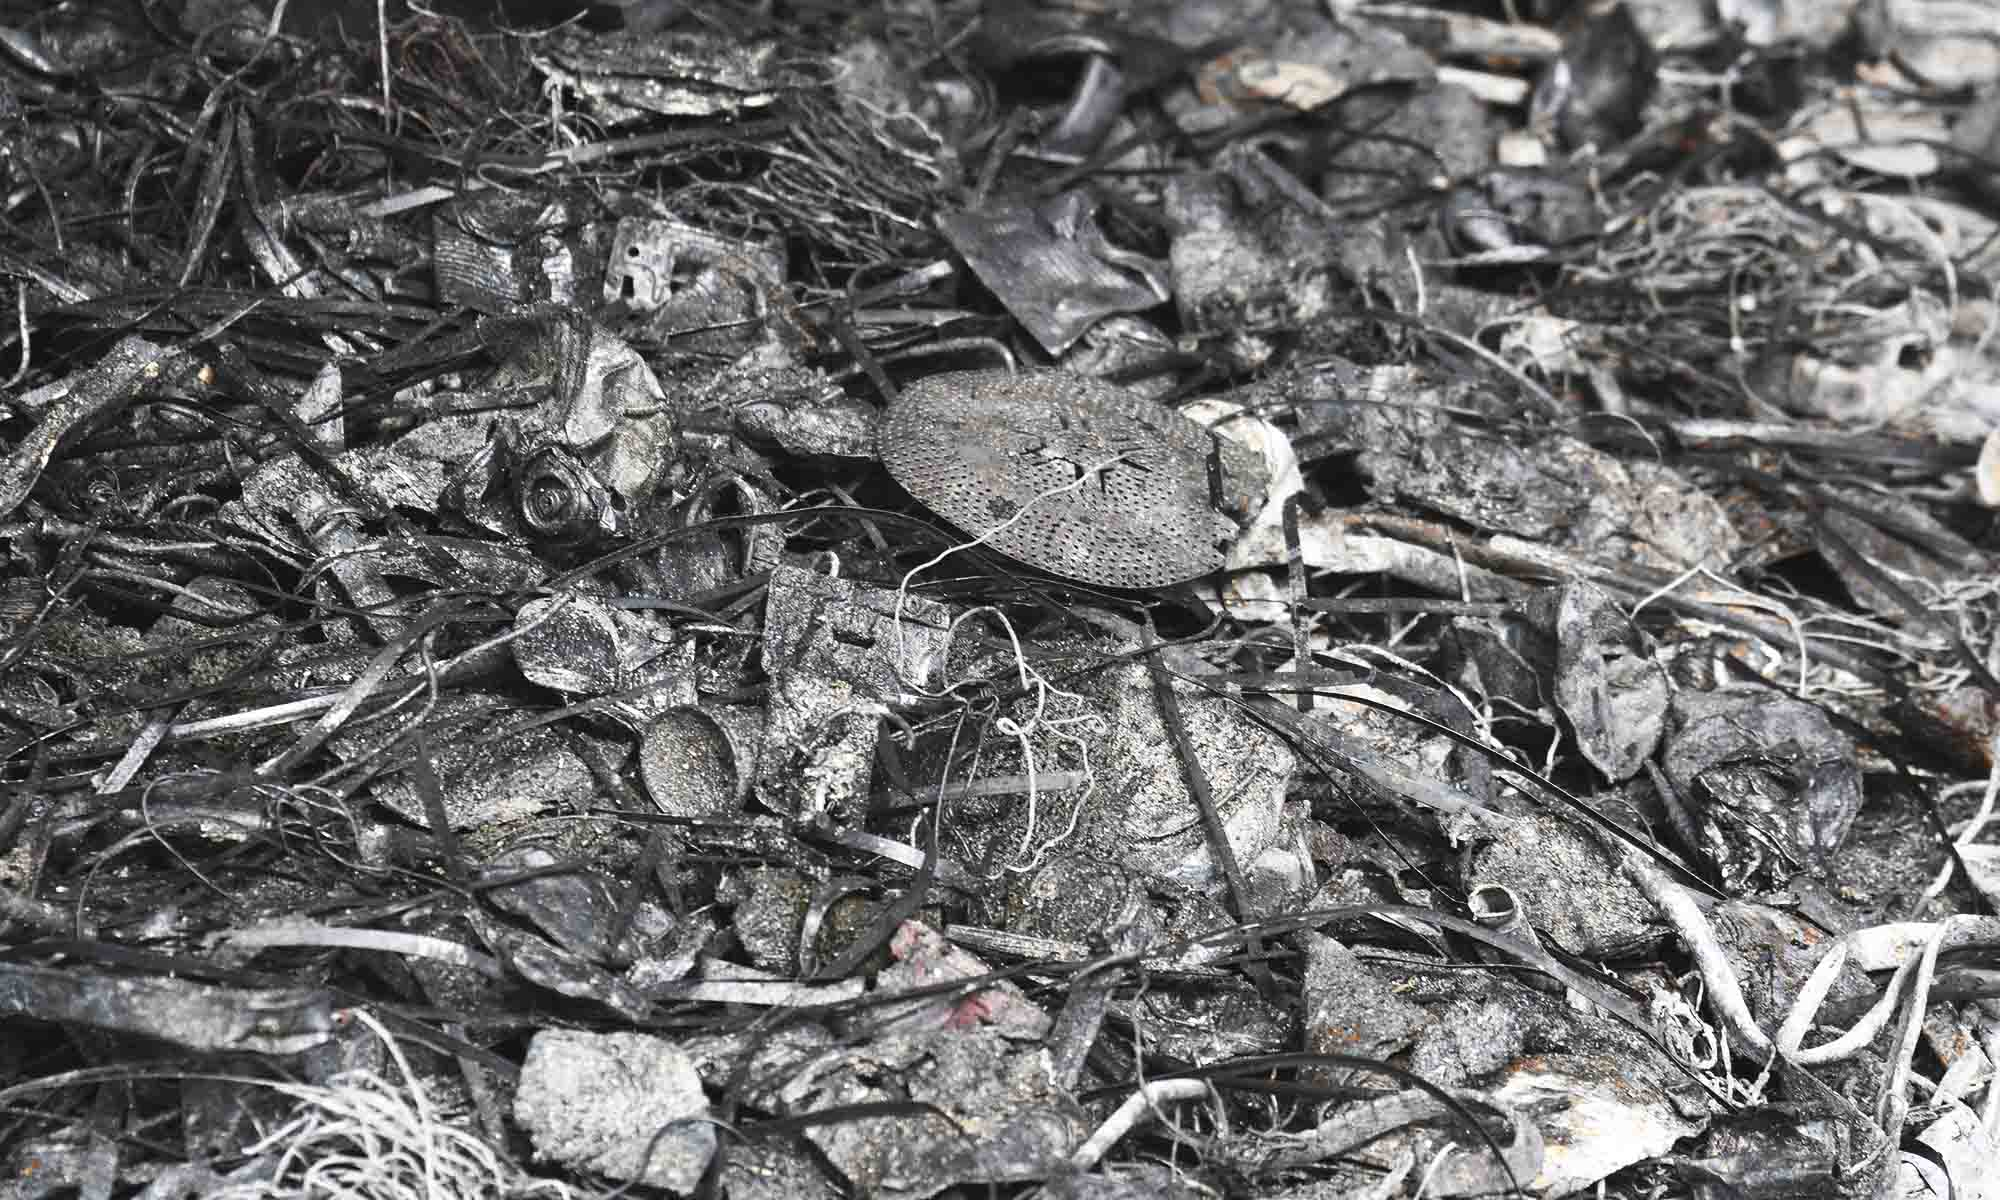 Jern som ved en feil havner i restavfallet plukkes ut av asken med en magnet, mens metaller dessverre havner på fyllinga sammen med asken fra ovnen.